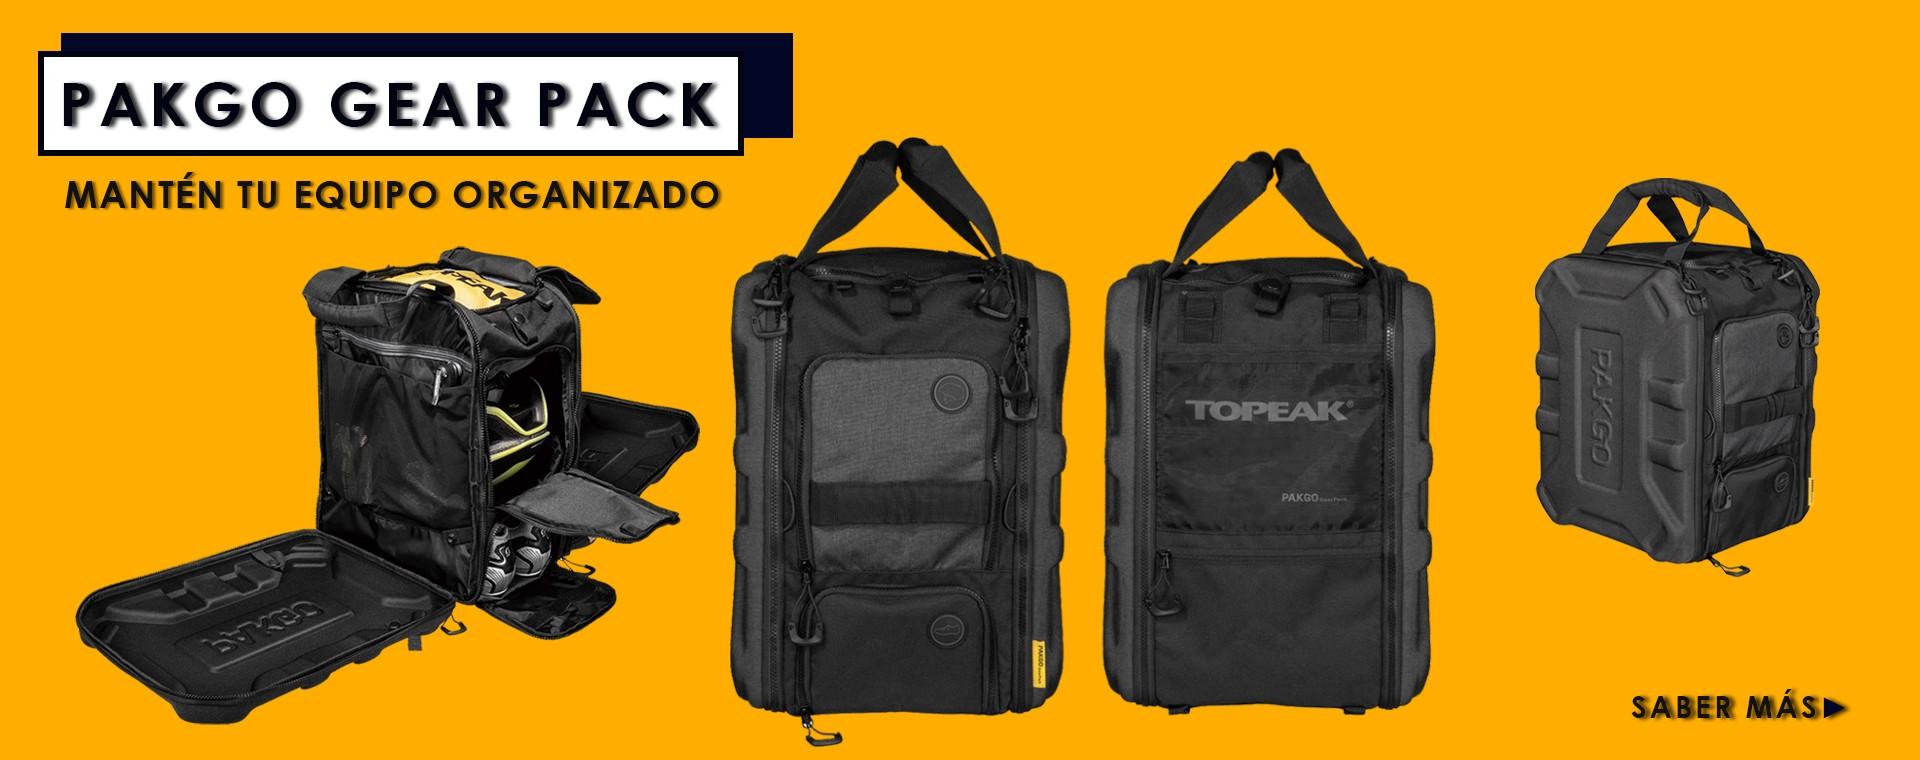 Pakgo Gear Pack